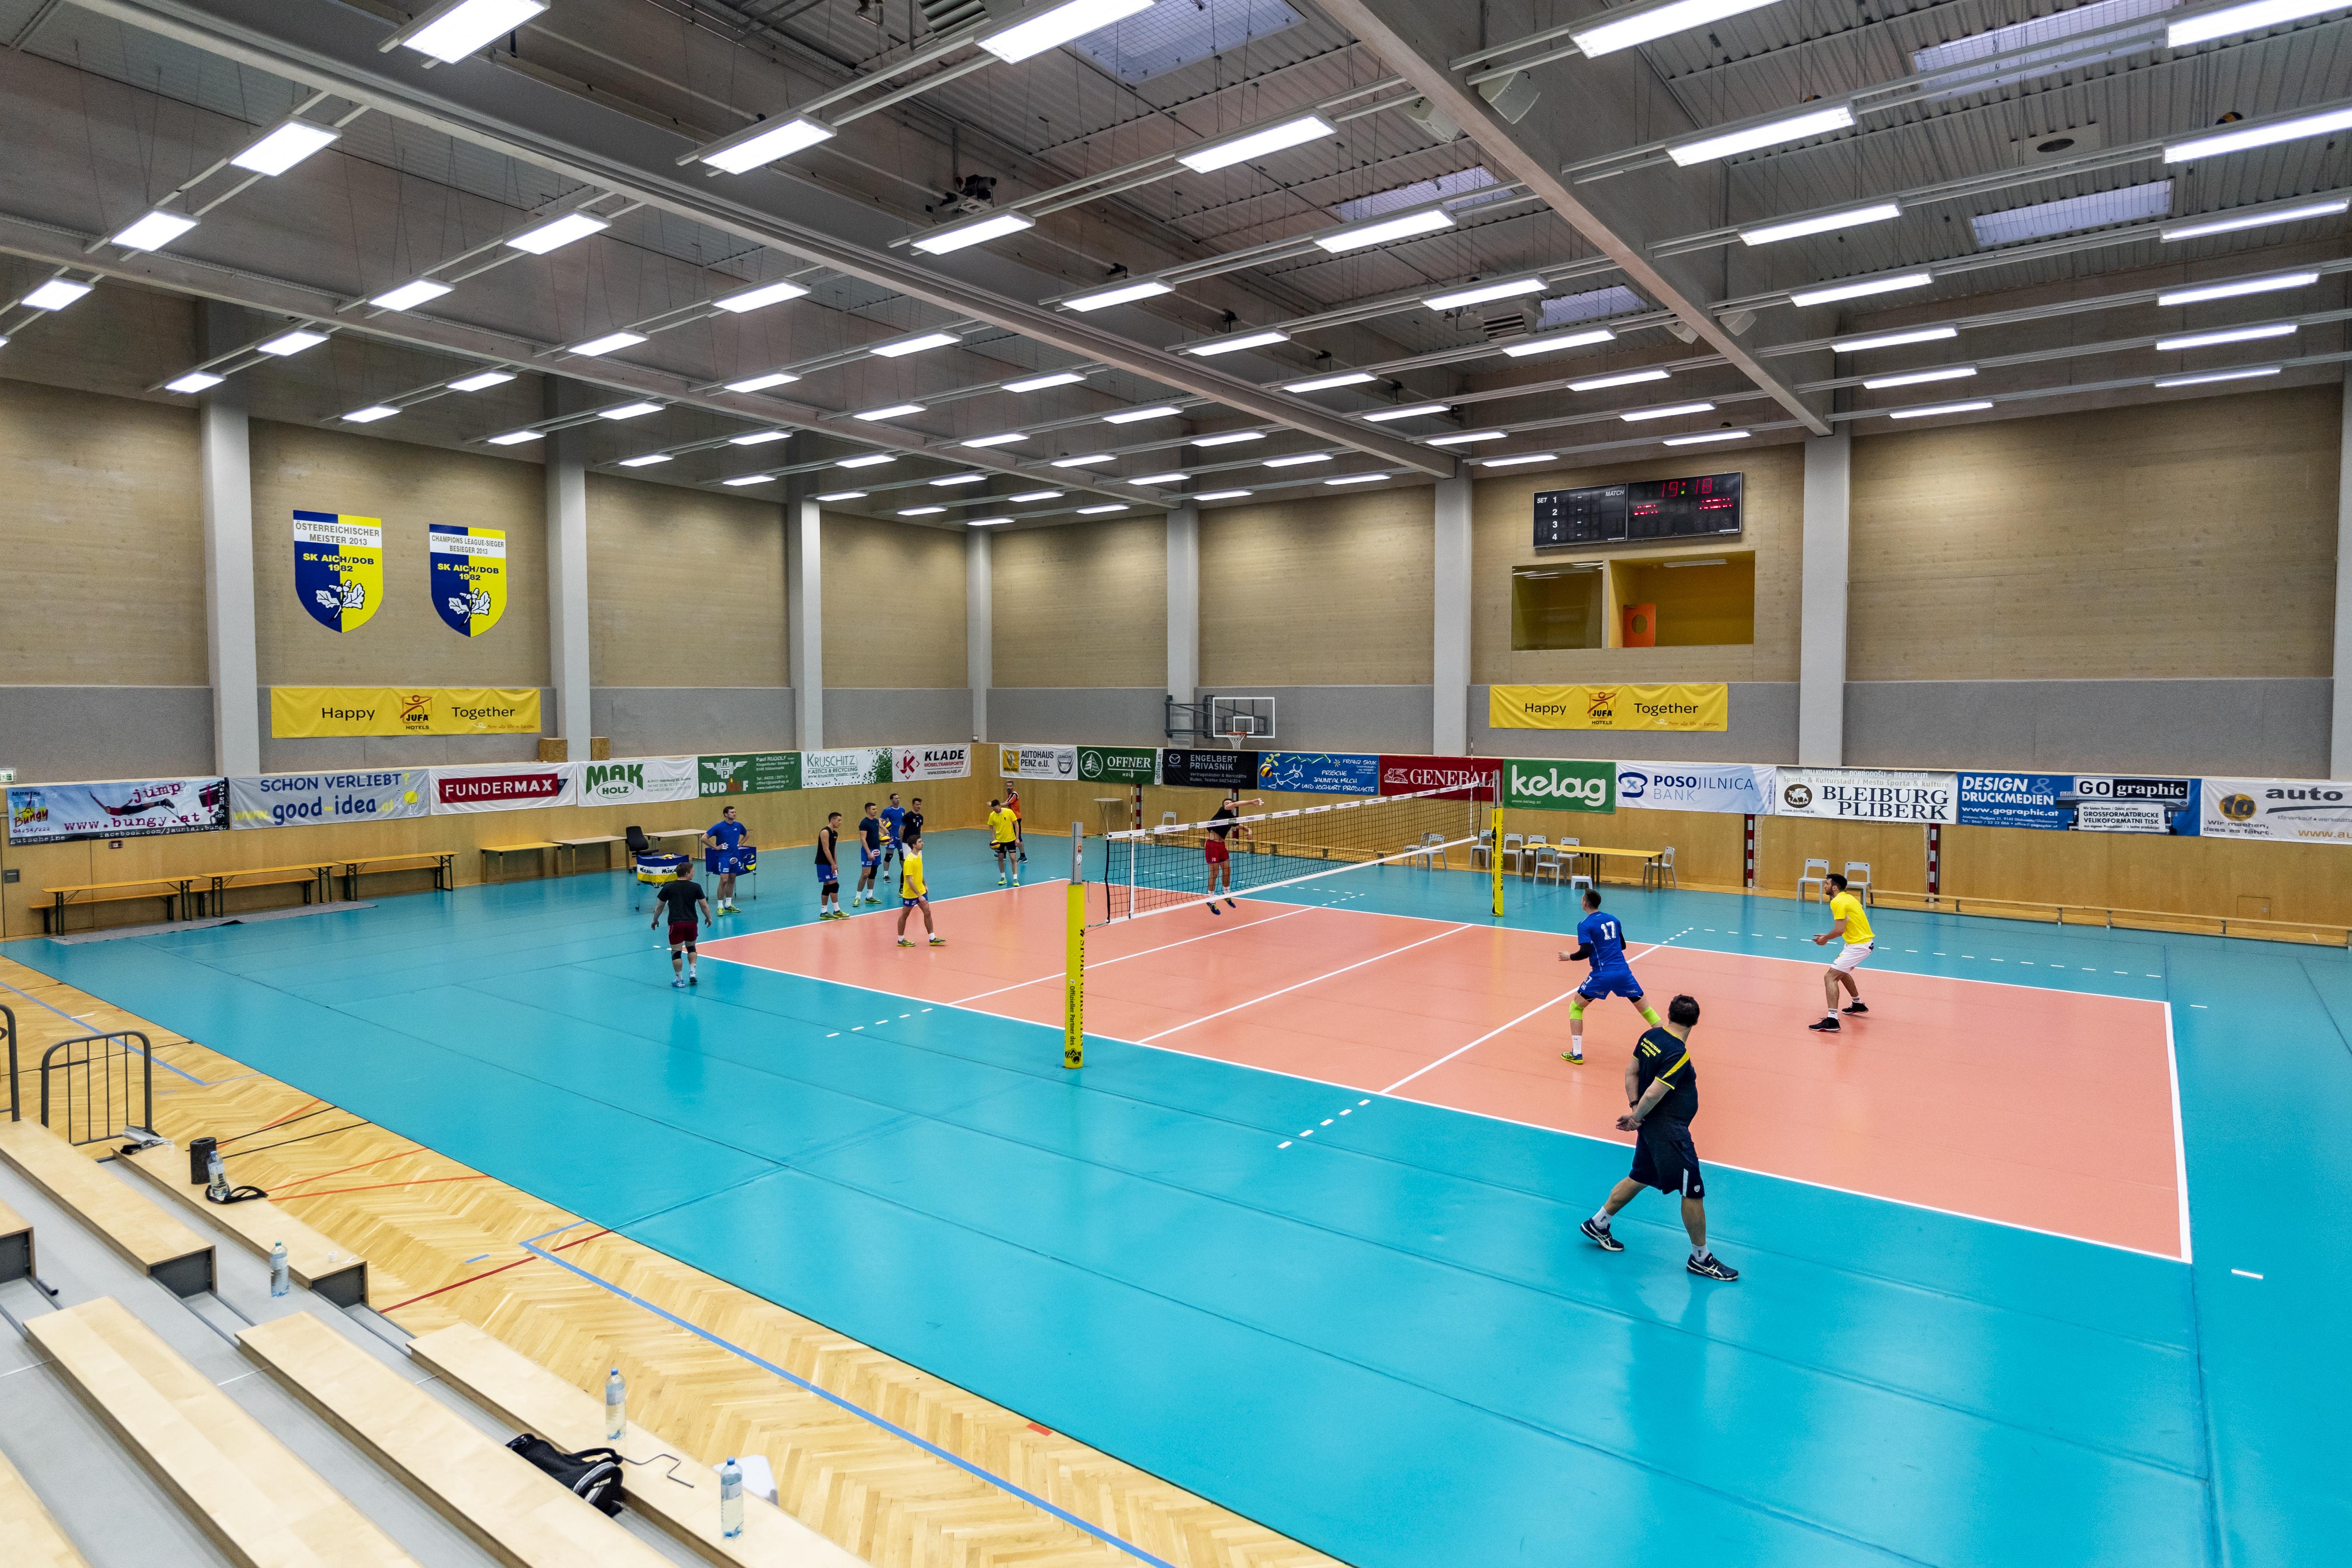 Sie sehen die Sporthalle beim JUFA Hotel Bleiburg/Pliberk – Sport-Resort mit einem Volleyballnetz. JUFA Hotels bietet Ihnen den Ort für erfolgreiches Training in ungezwungener Atmosphäre für Vereine und Teams.